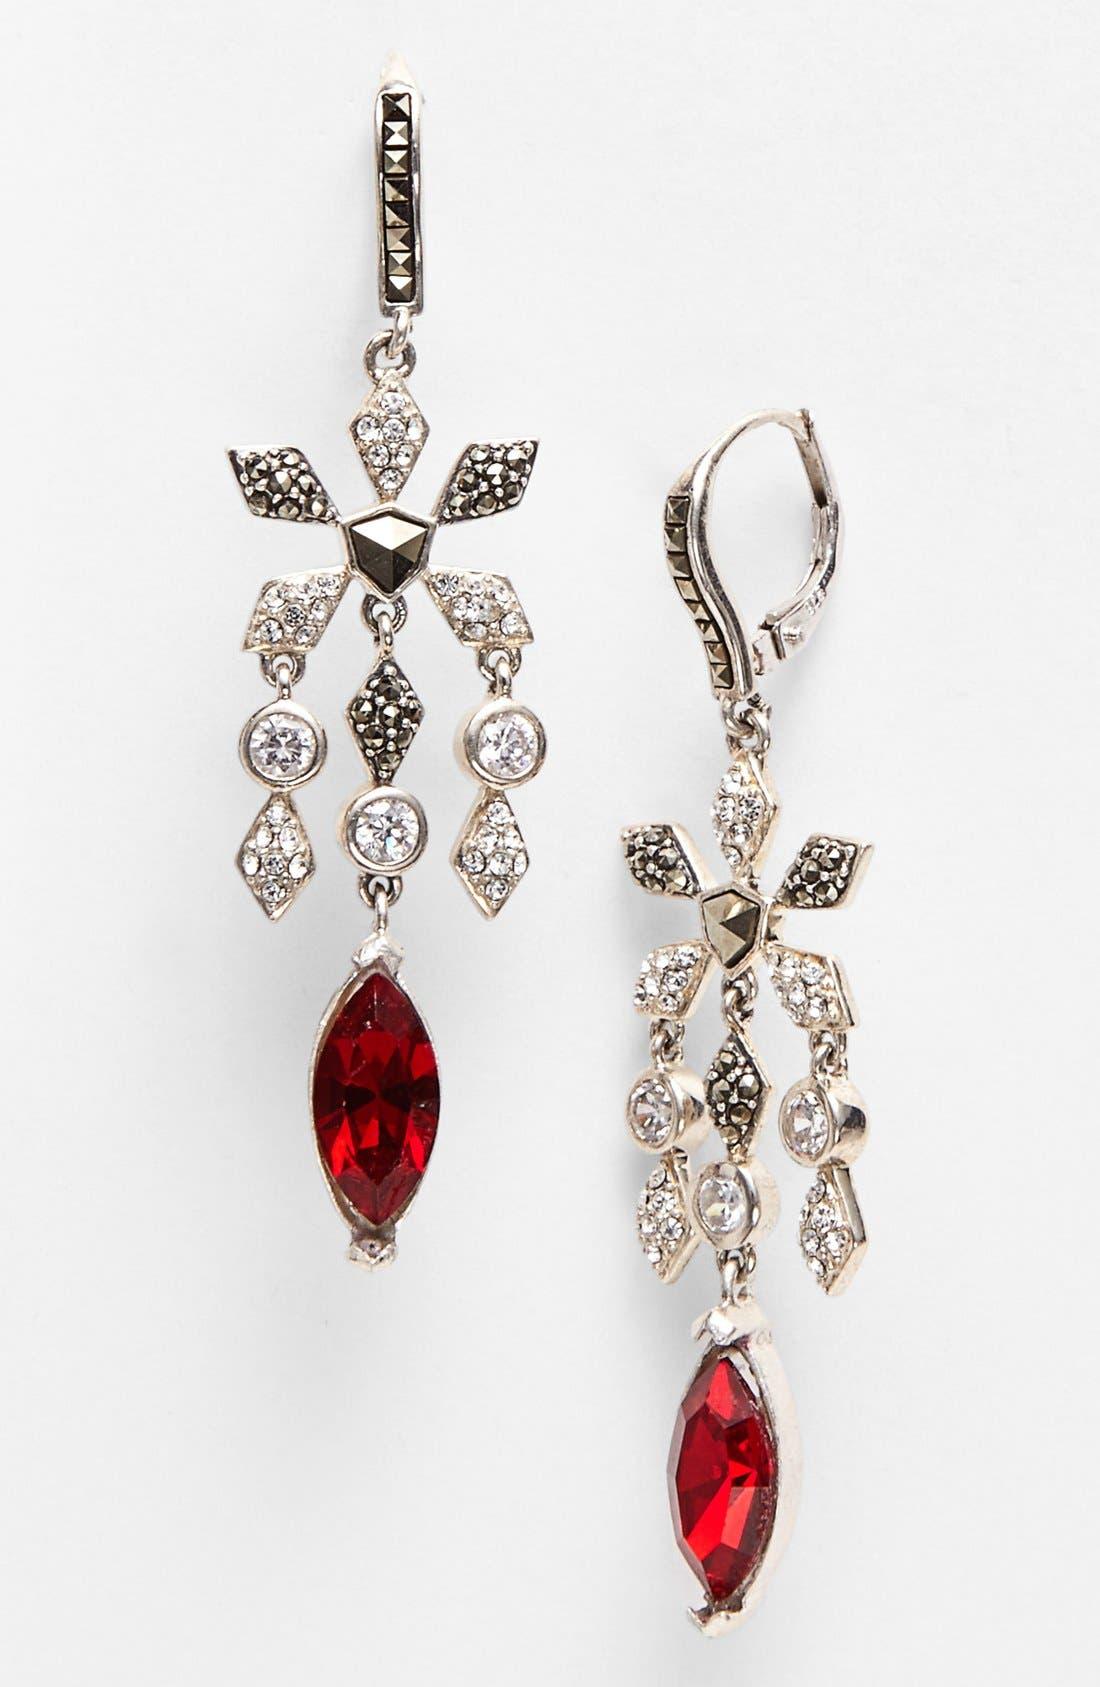 Main Image - Judith Jack 'Frosted Glaze' Chandelier Earrings